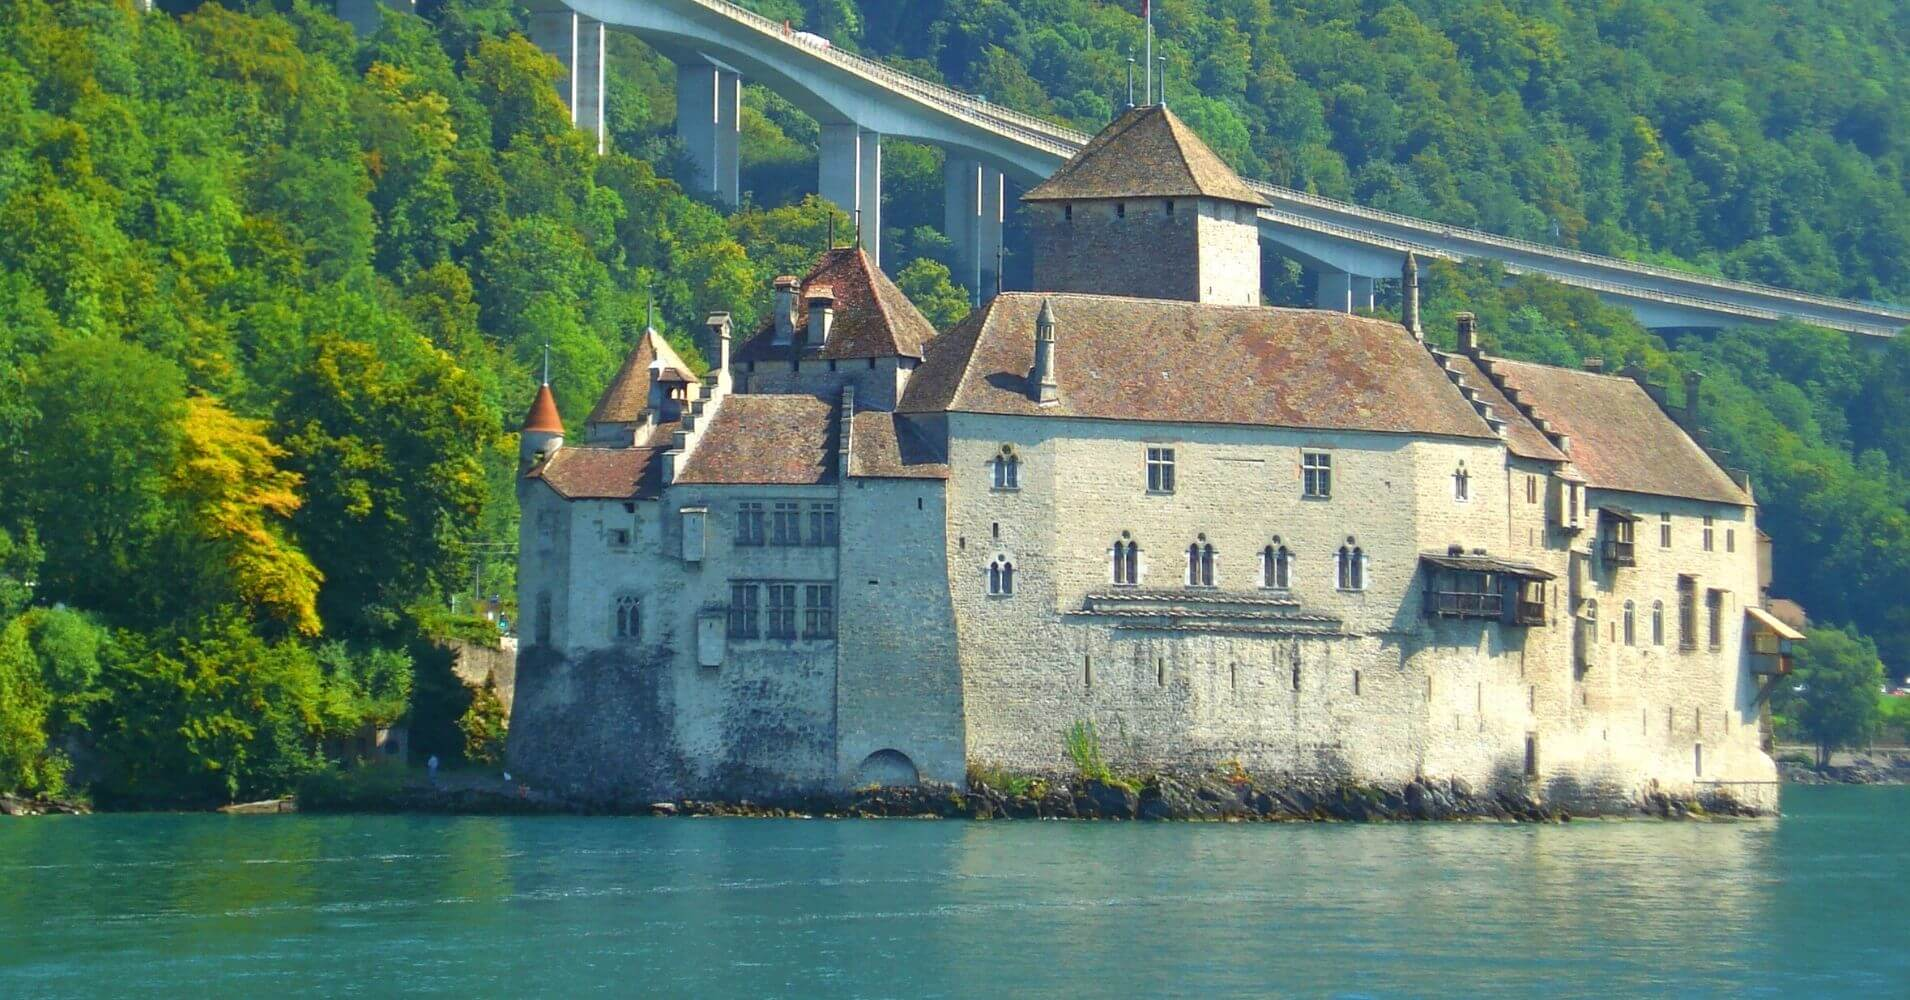 Lago Lemán. Castillo de Chillón. Veyteaux, Vadud. Suiza.